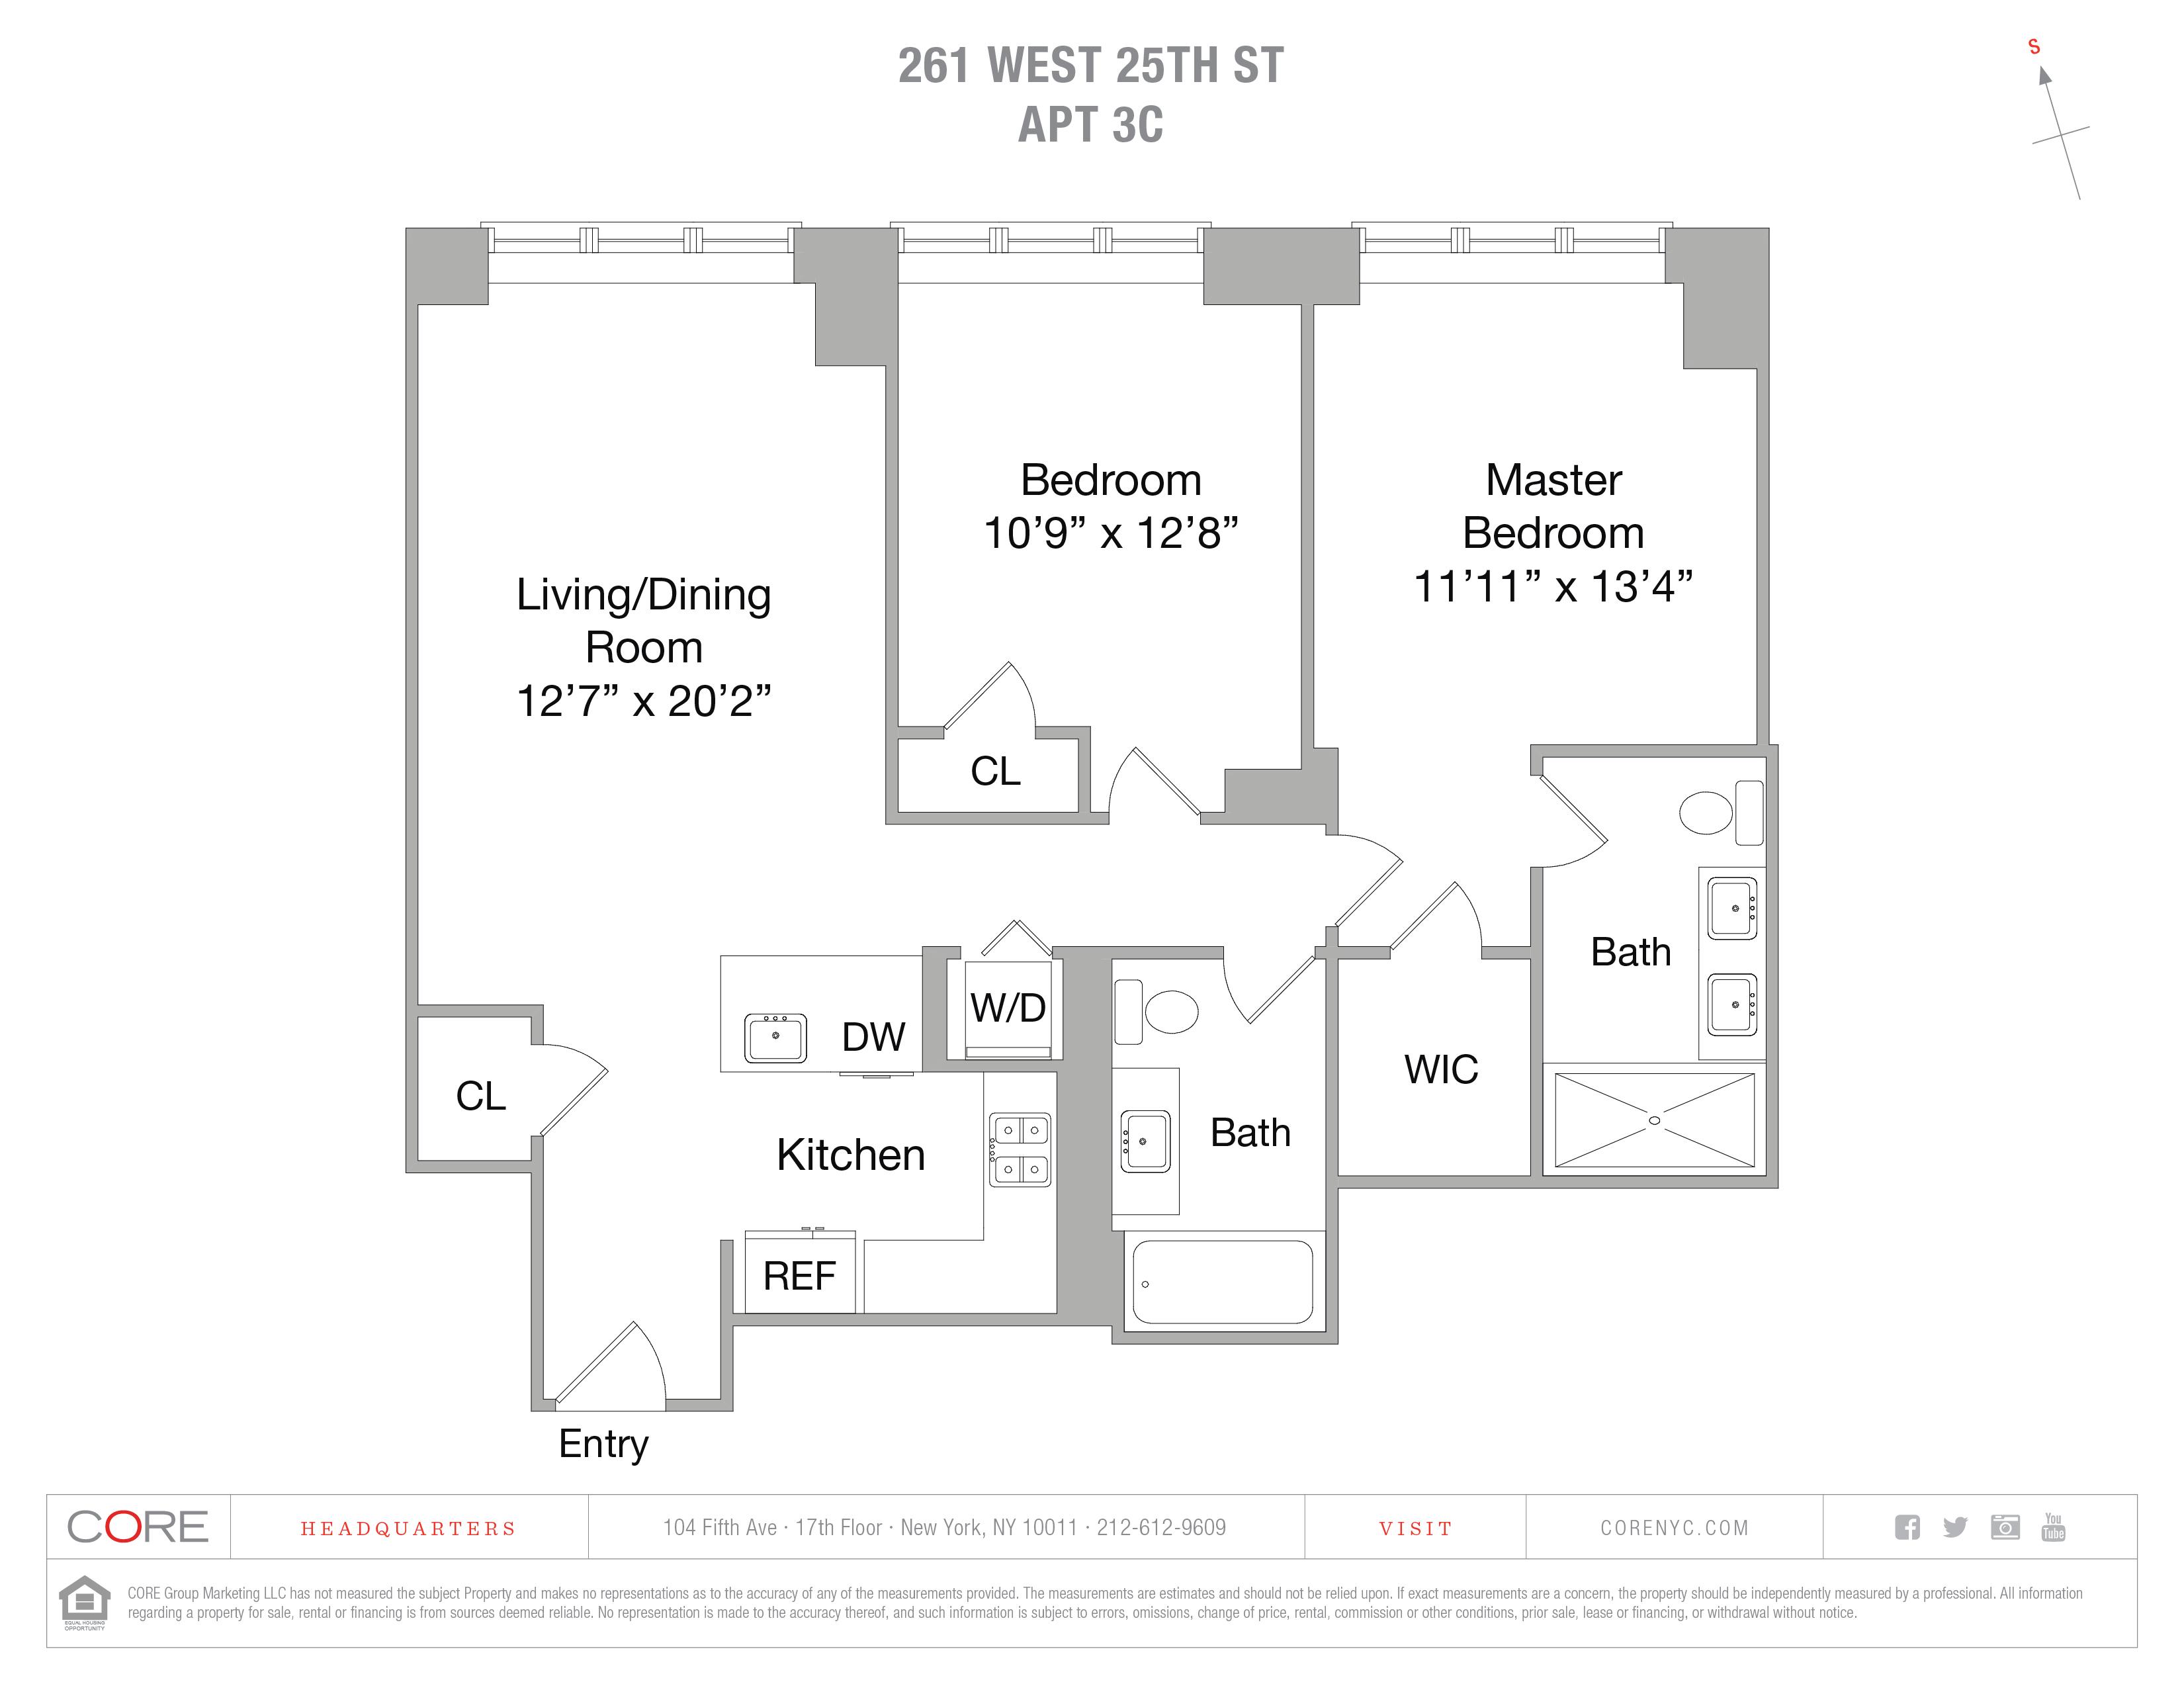 261 West 25th St. 3 C, New York, NY 10001